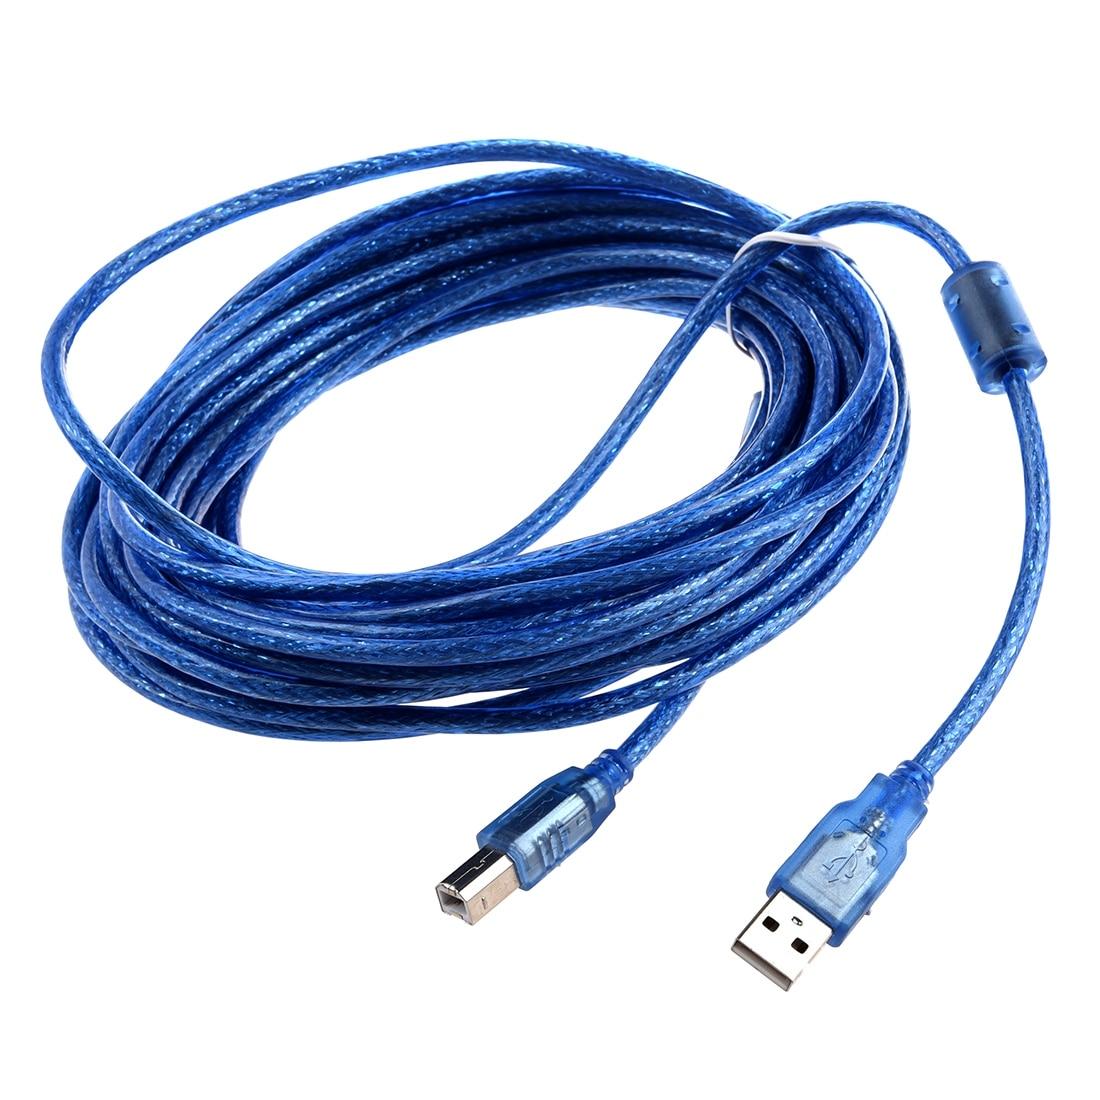 SUPERIOR Da Impressora Cabo de Extensão USB, USB B Macho Os-Comprimento 10 m